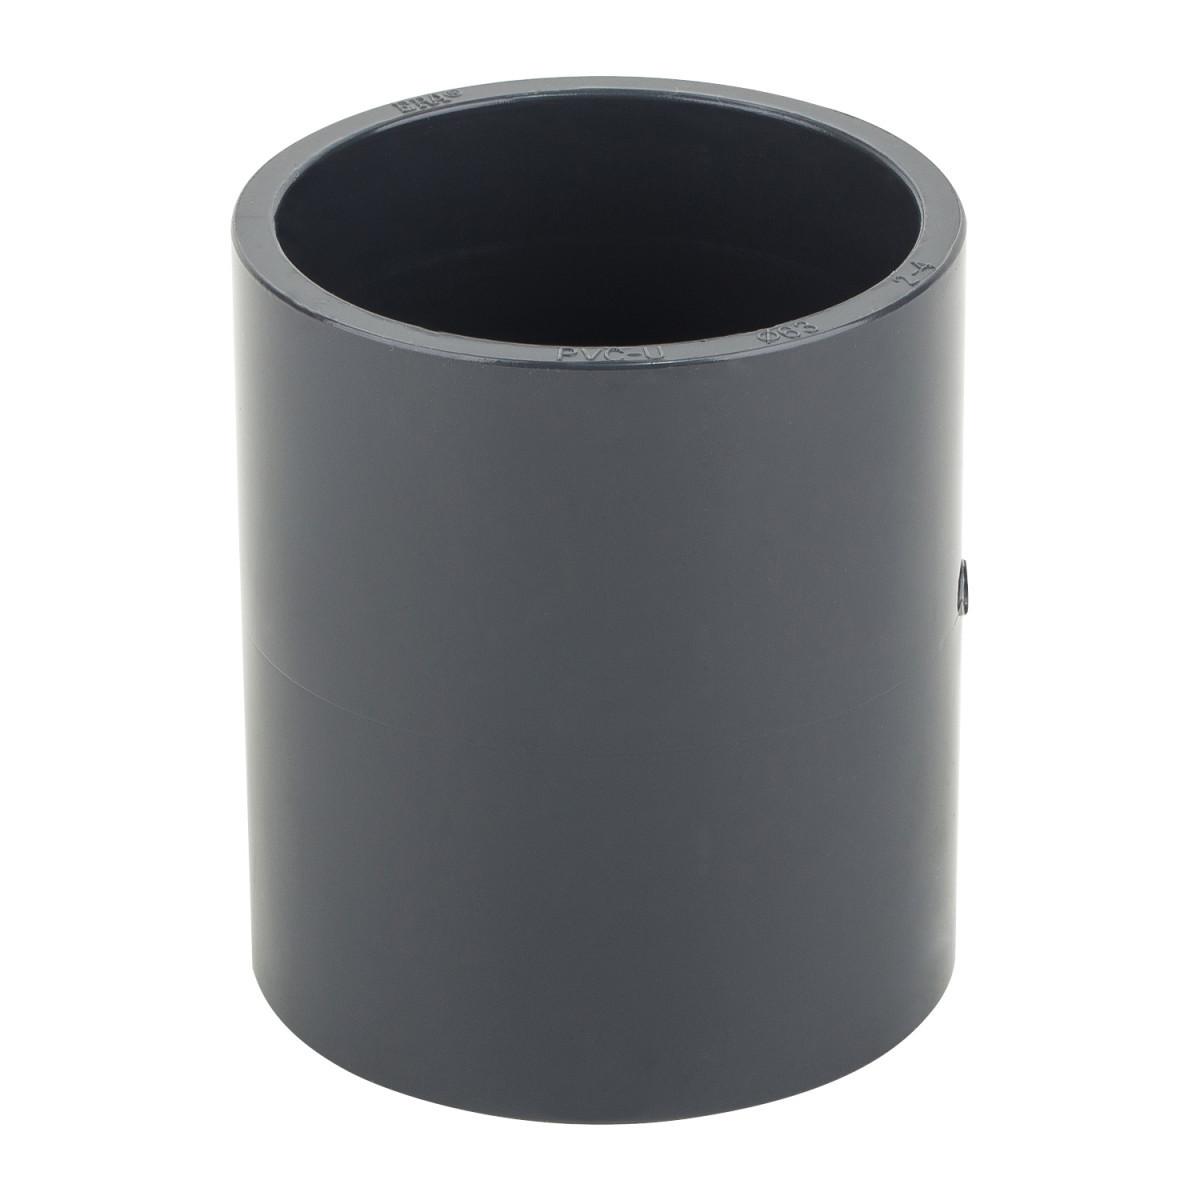 Муфта ПВХ ERA соеденительная диаметр 110 мм